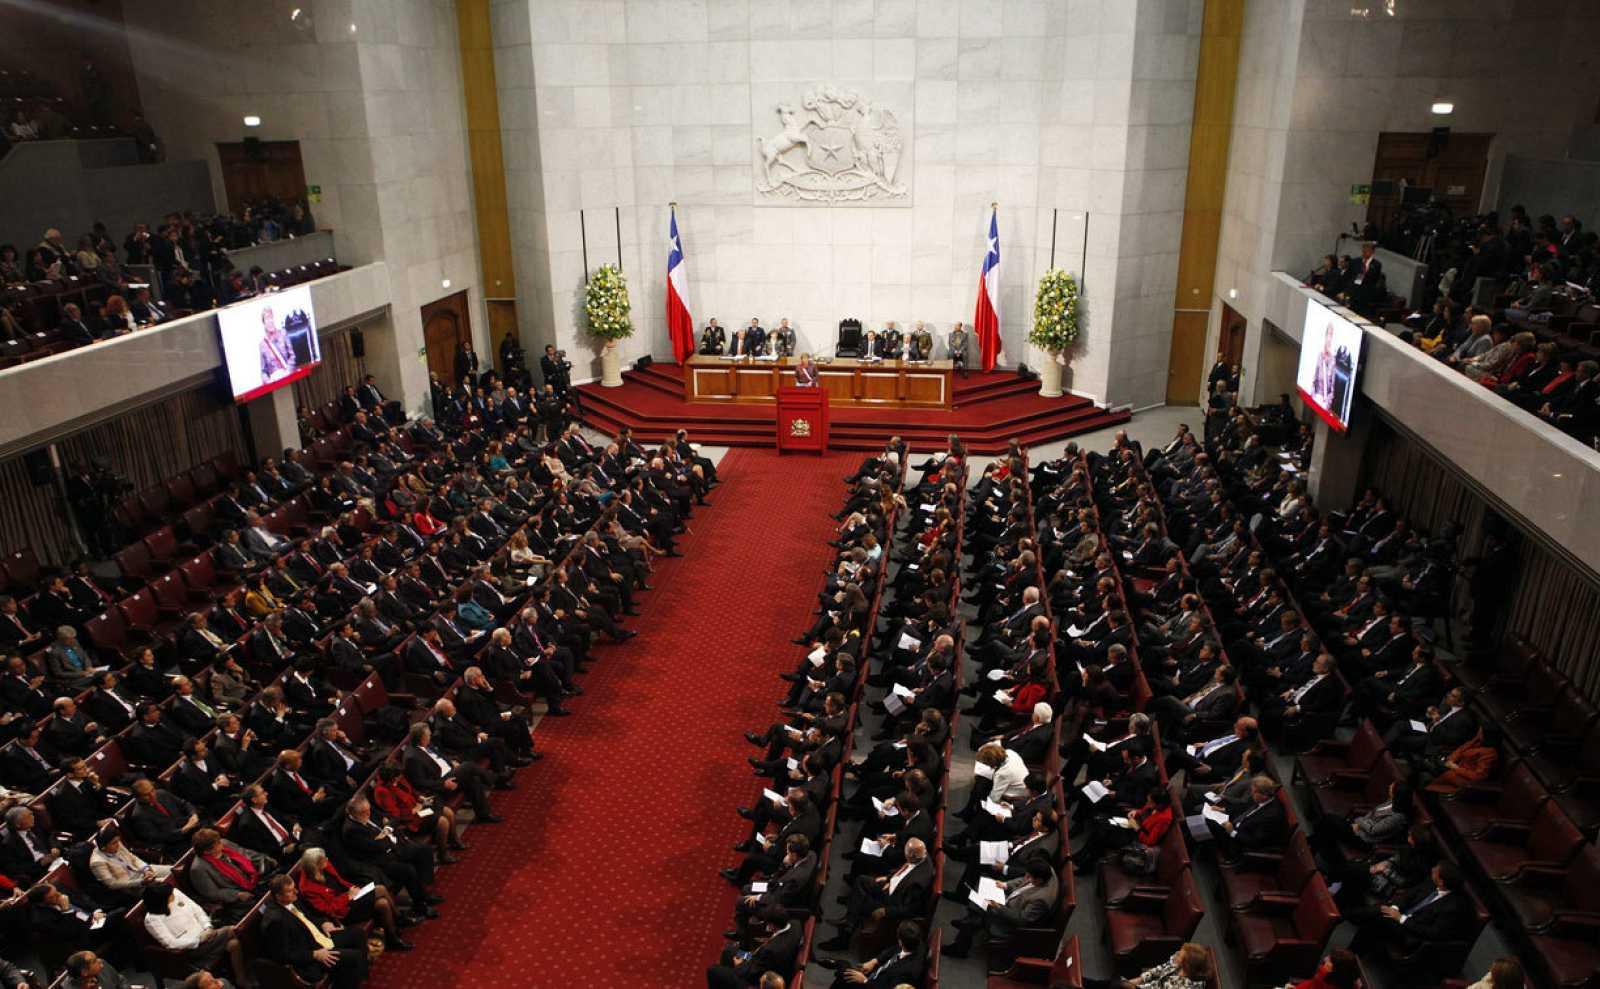 El parlamento chileno en una imagen de archivo durante la presidencia de Michelle Bachelet